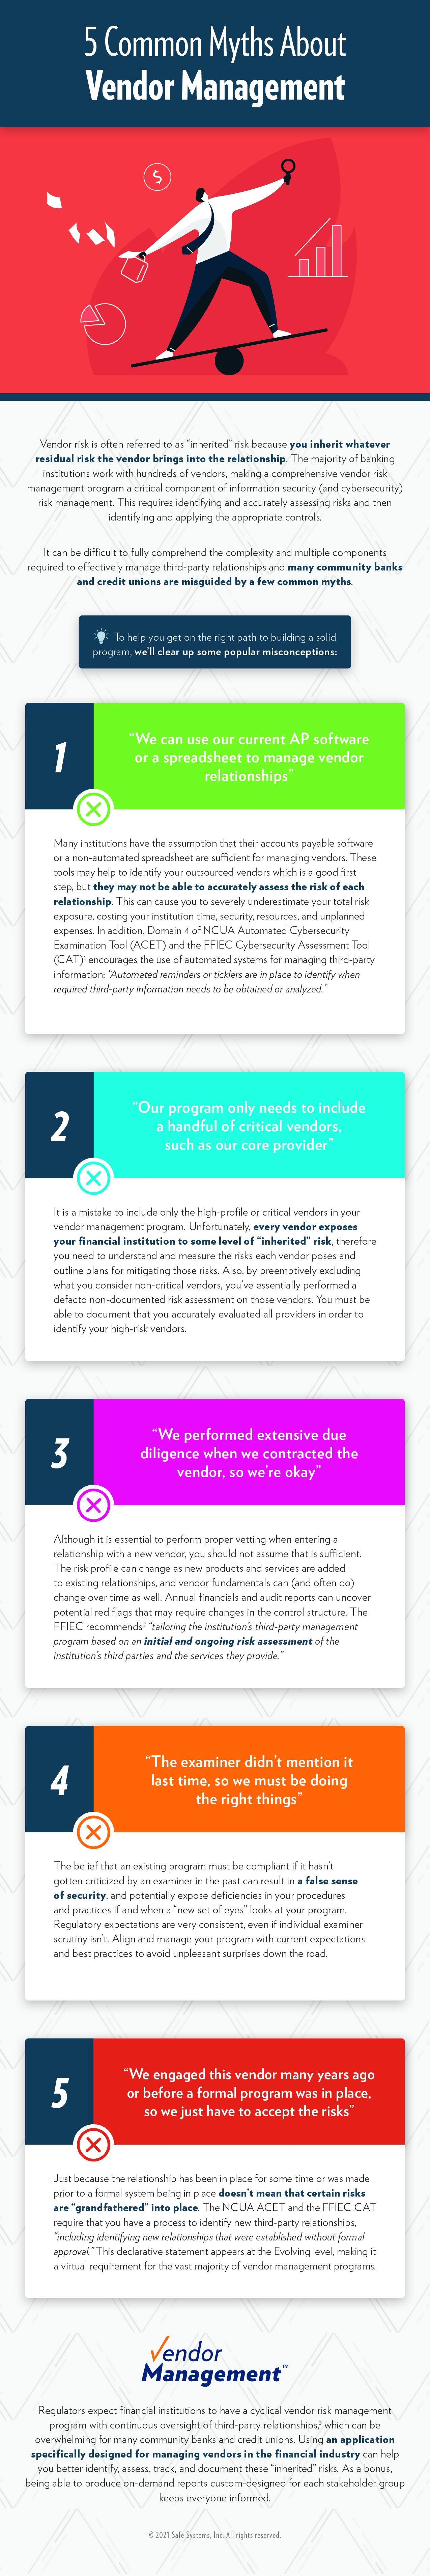 Common Myths About Vendor Management